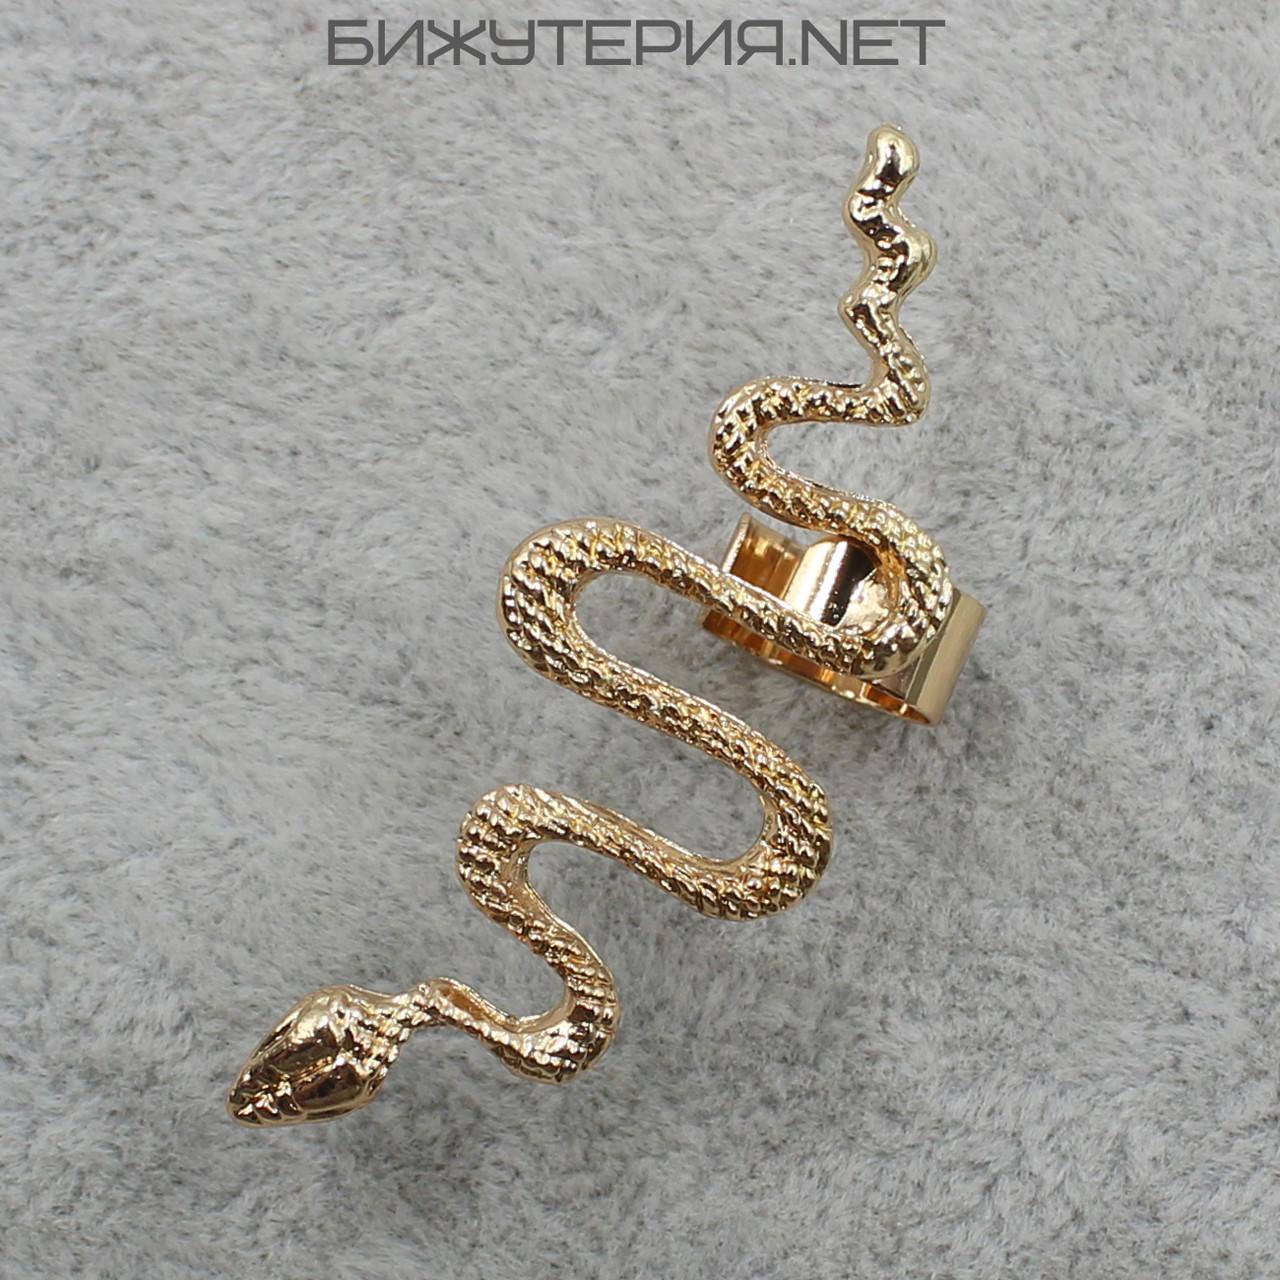 Серьги Каффы JB Змея в золотом цвете - 1064854739